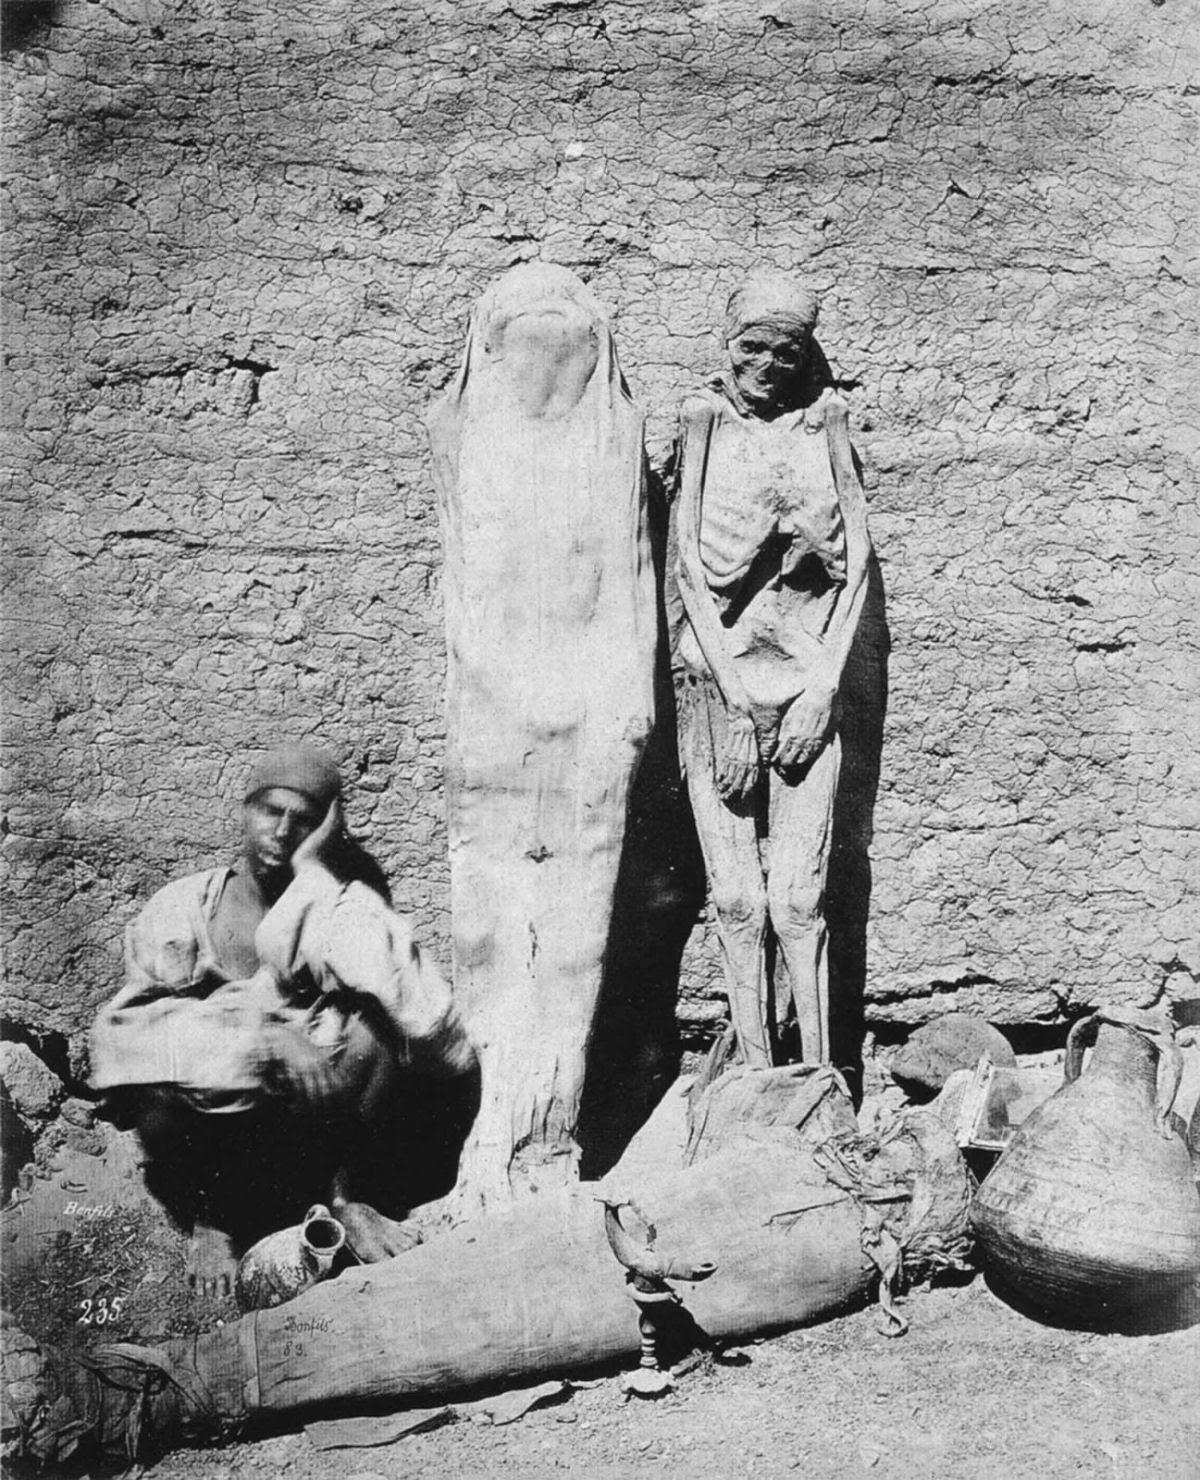 Mercador ambulante vendendo múmias no Egito, em 1865